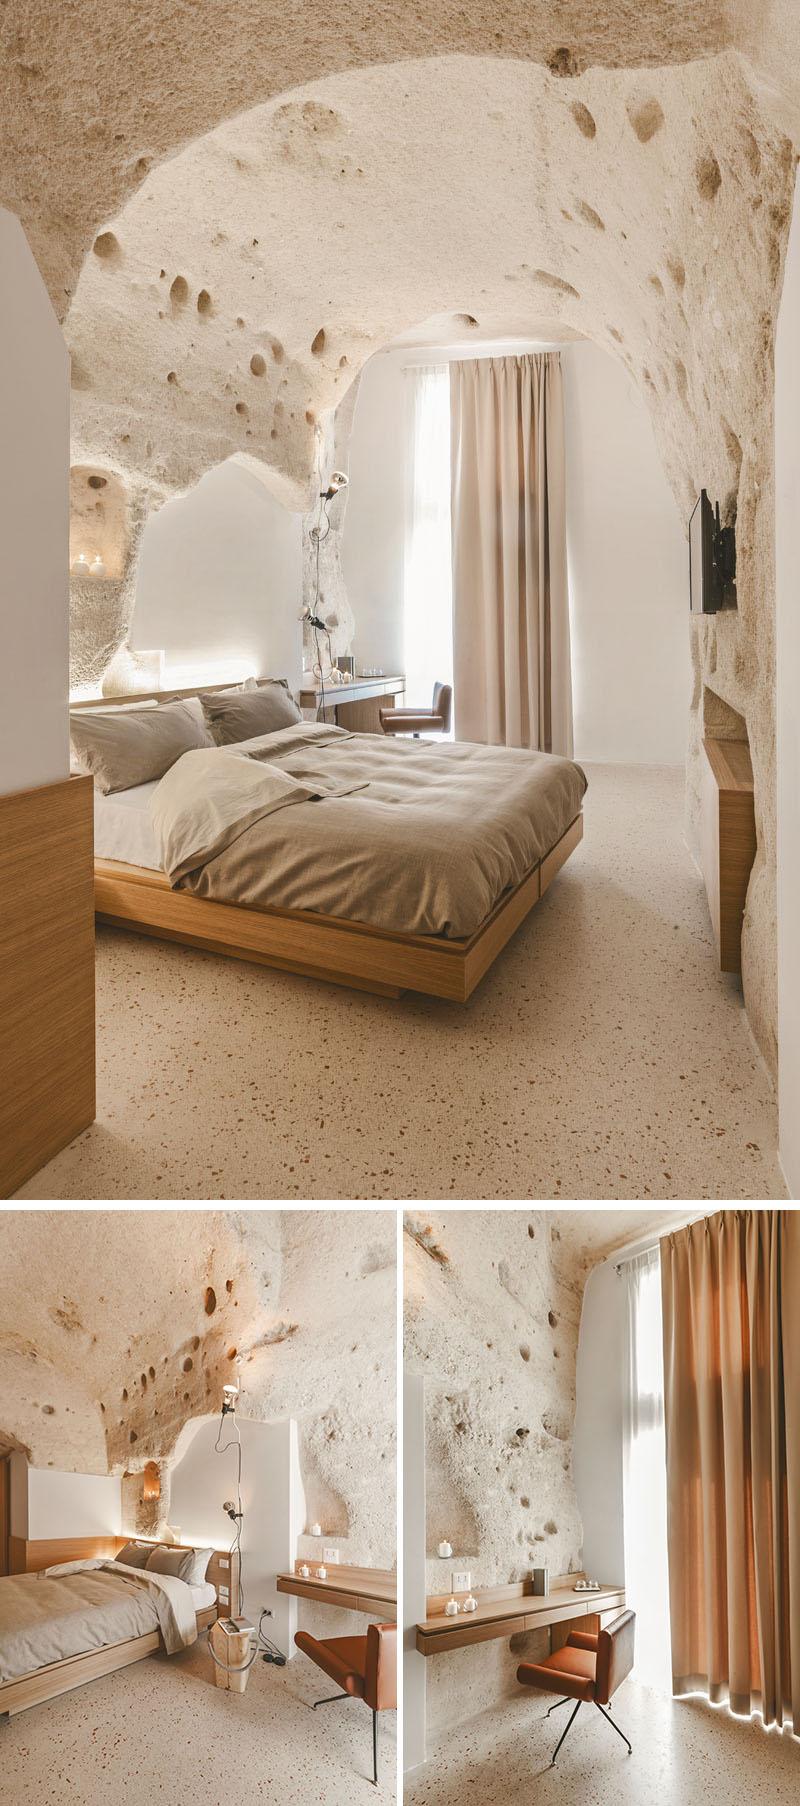 6-hotel-na-italia-mistura-classico-e-contemporaneo